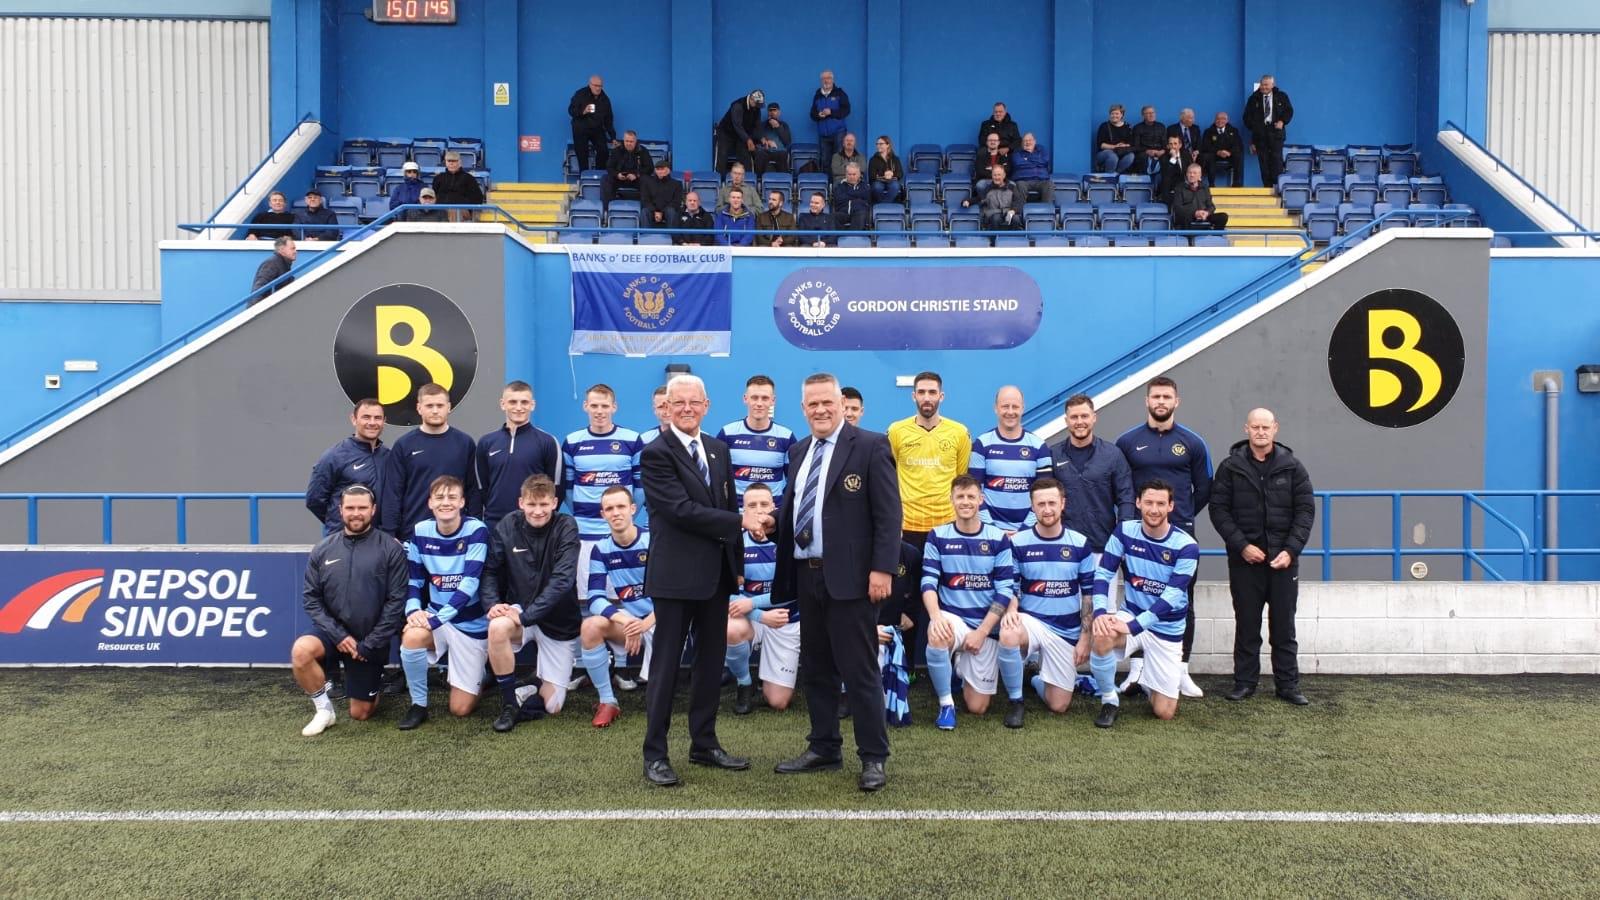 Banks o' Dee president Brian Winton congratulates Gordon Christie, left.